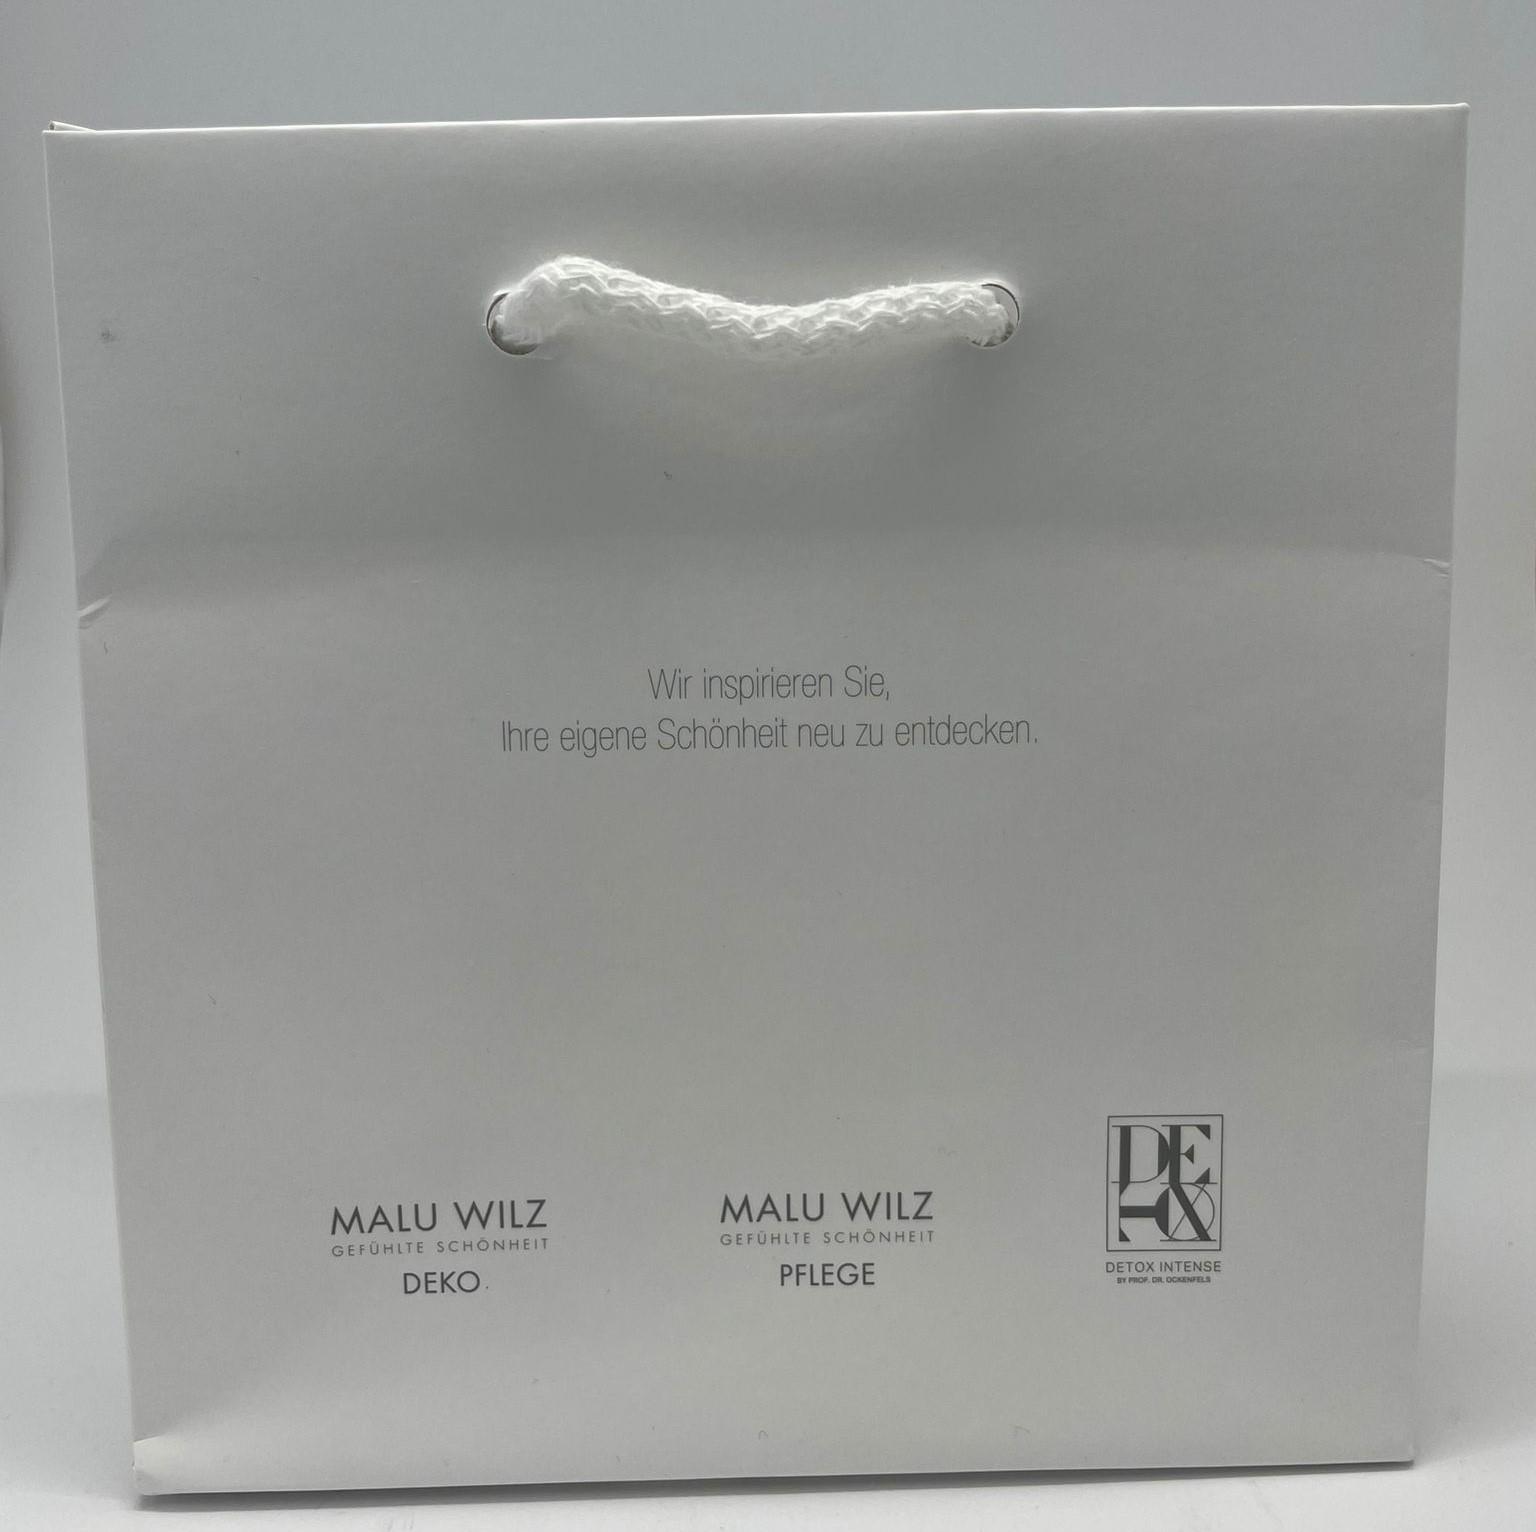 Papiertragtasche klein matt weiss mit allen Markenlogos